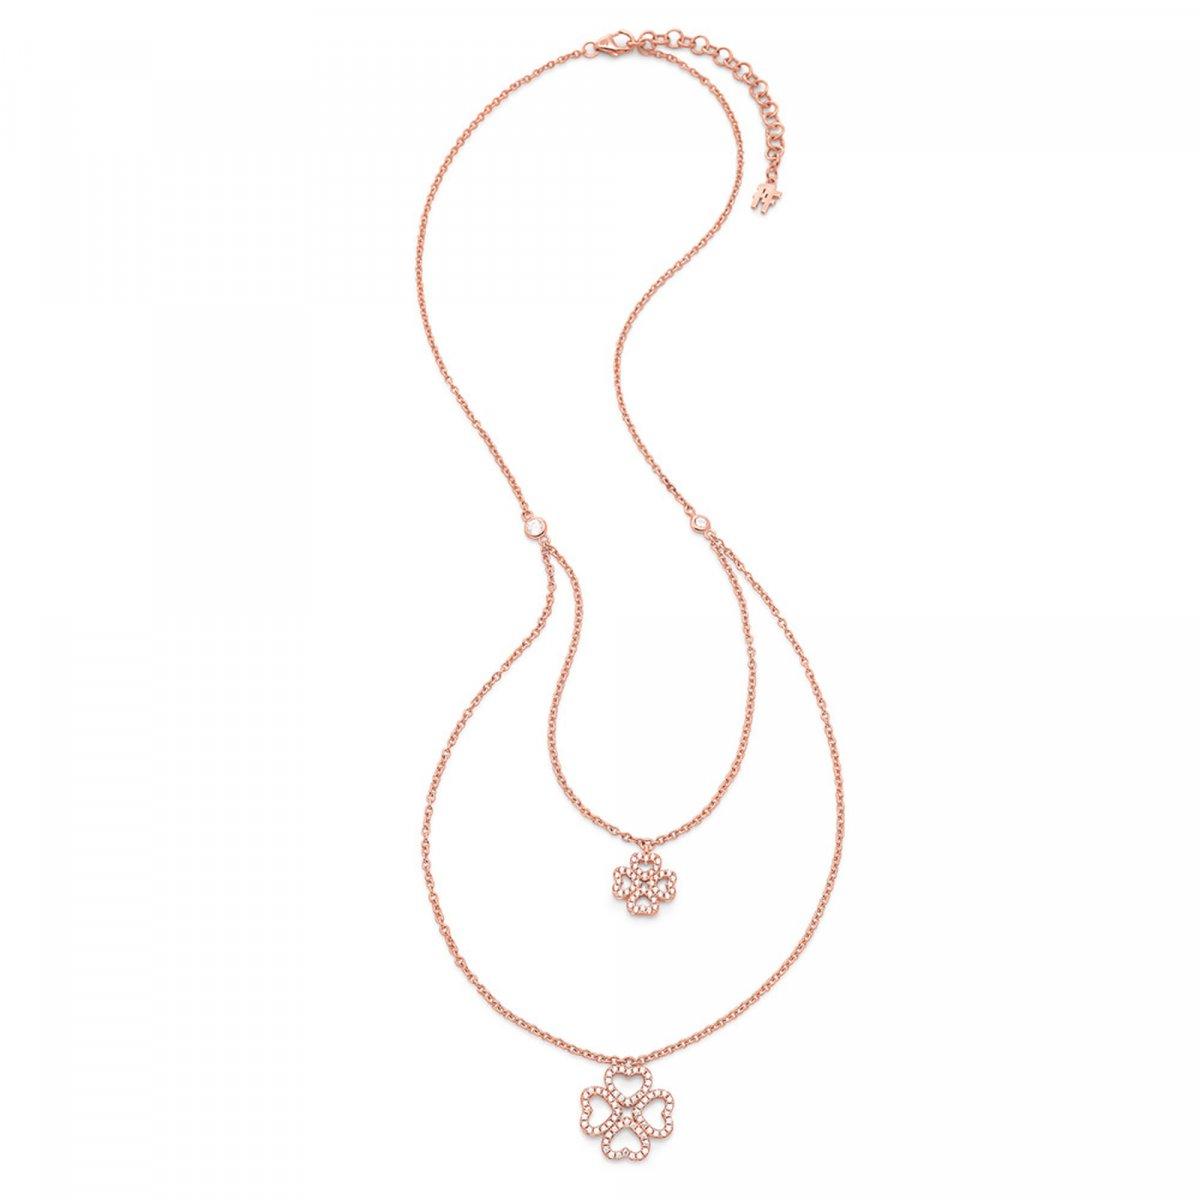 Ružový náhrdelník FOLLI FOLLIE s motívom srdiečok